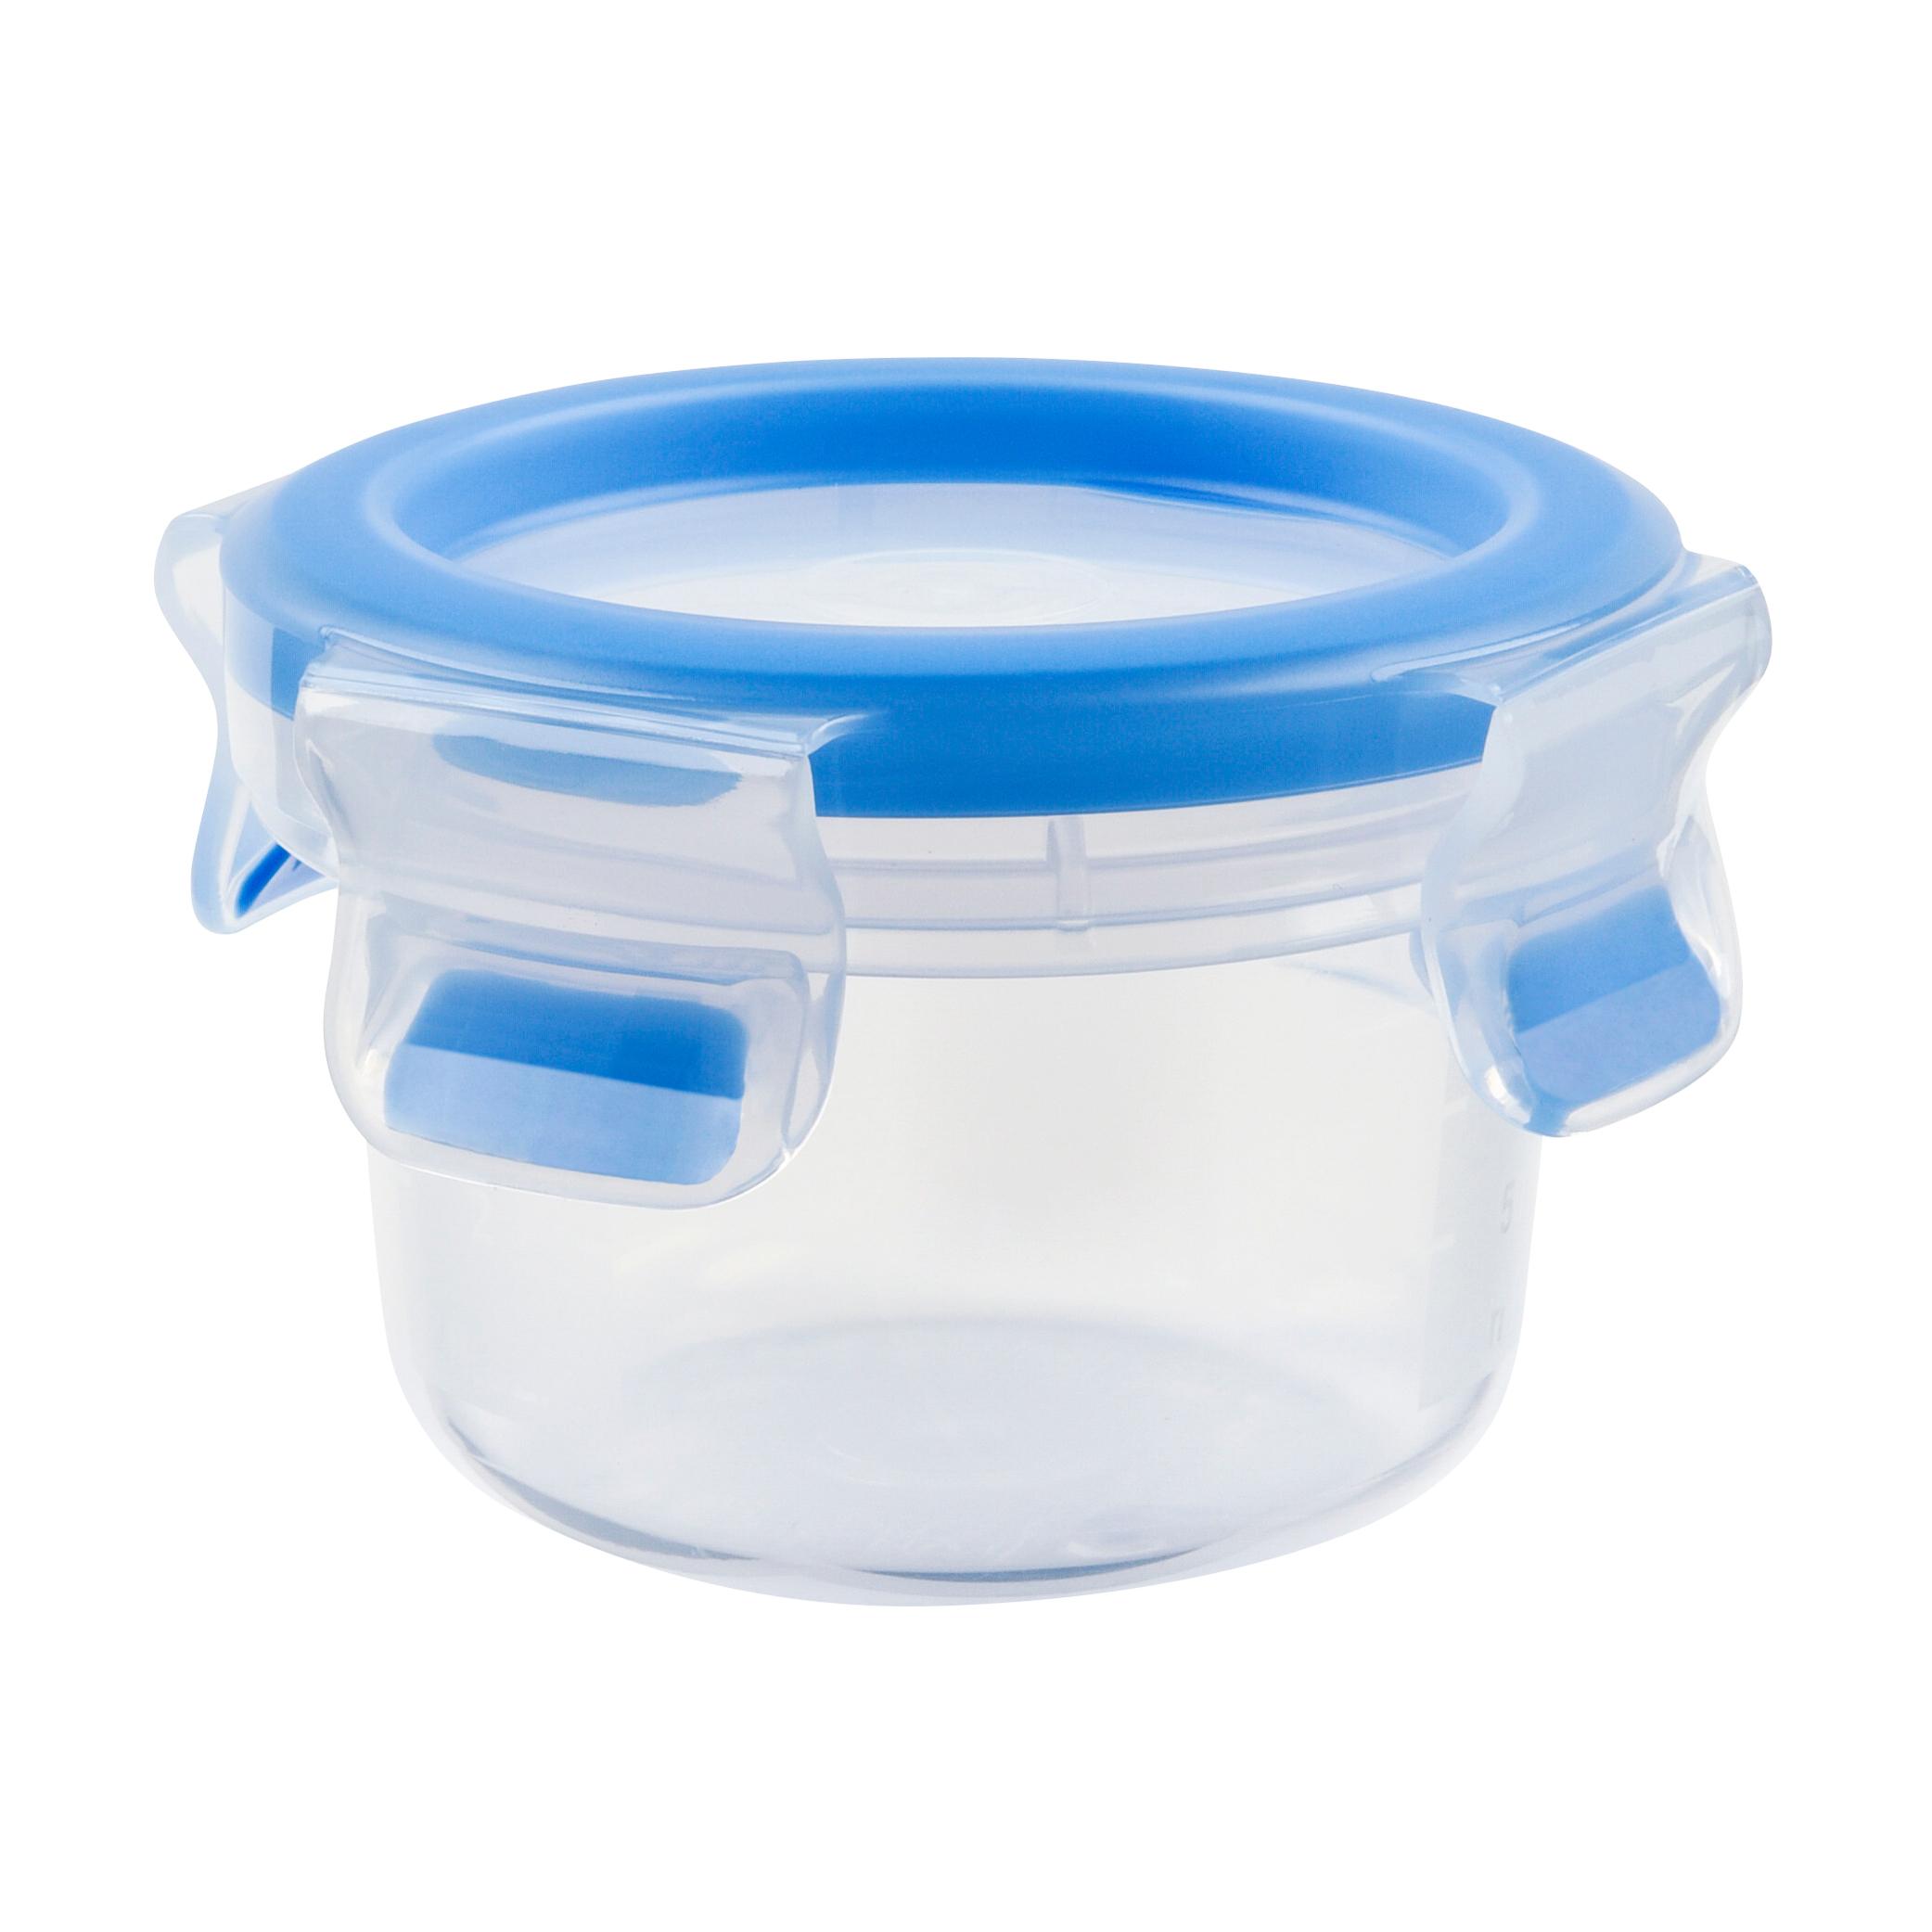 EMSA 508550CLIP & CLOSE Frischhaltedose 0,15 L rund - 100 % dicht - made in Germany - besondere Frische-Dichtung - 100 % hygienisch